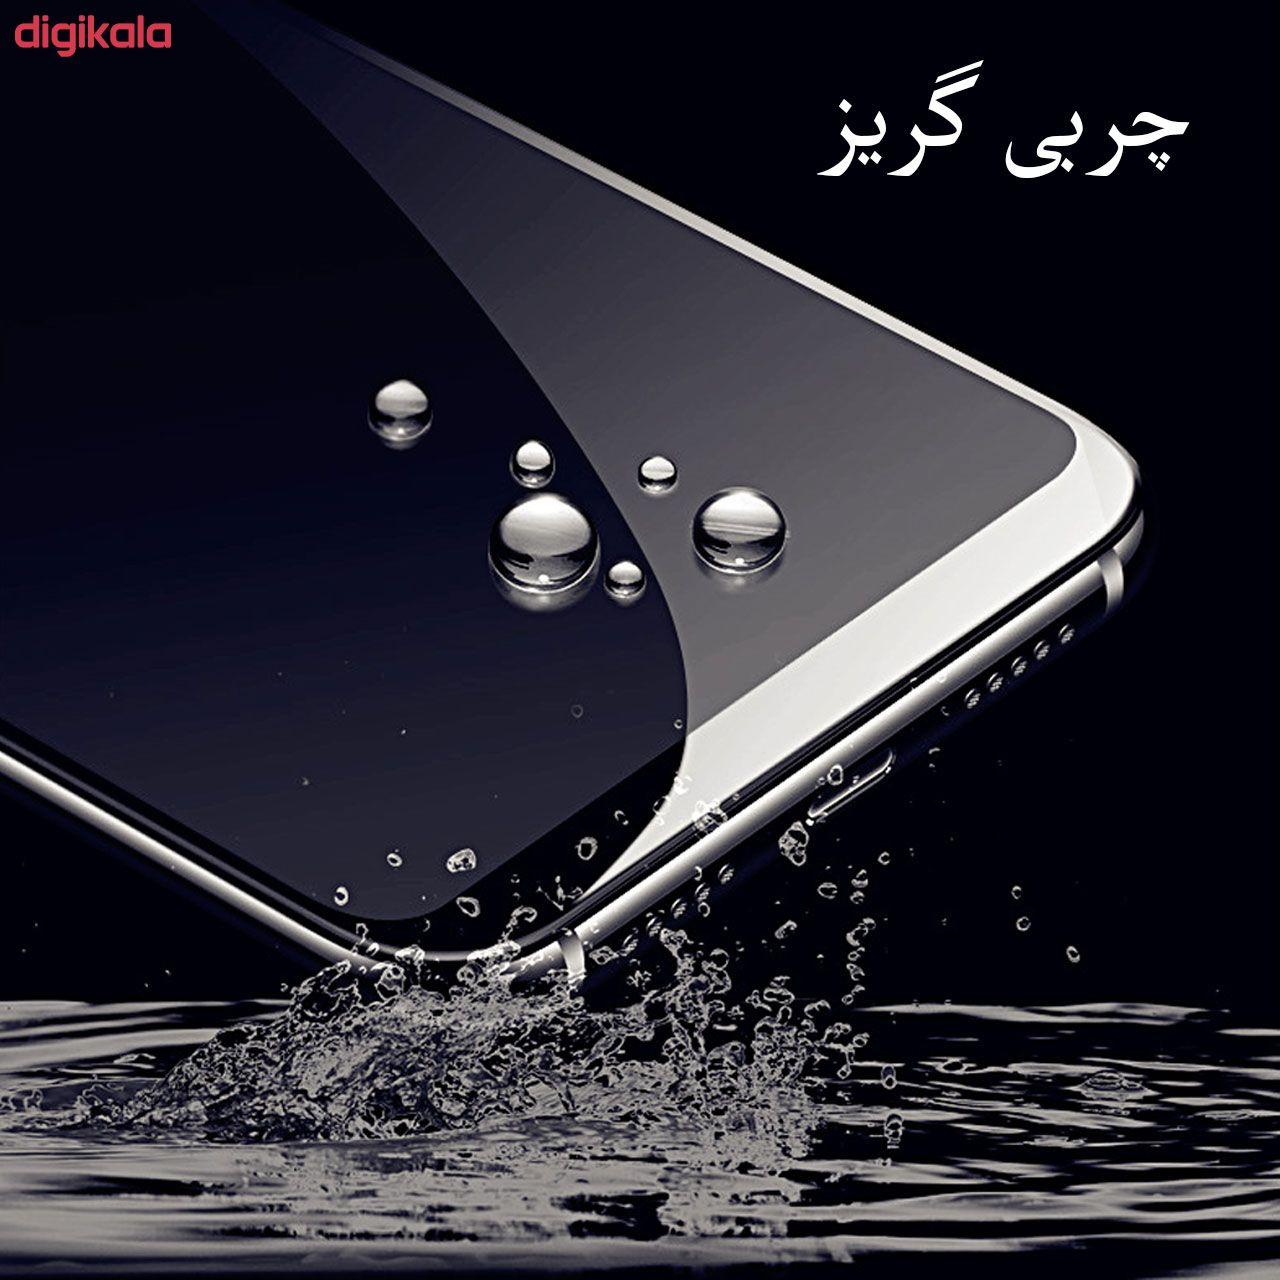 محافظ صفحه نمایش مدل FCG مناسب برای گوشی موبایل شیائومی Mi 9T Pro main 1 7